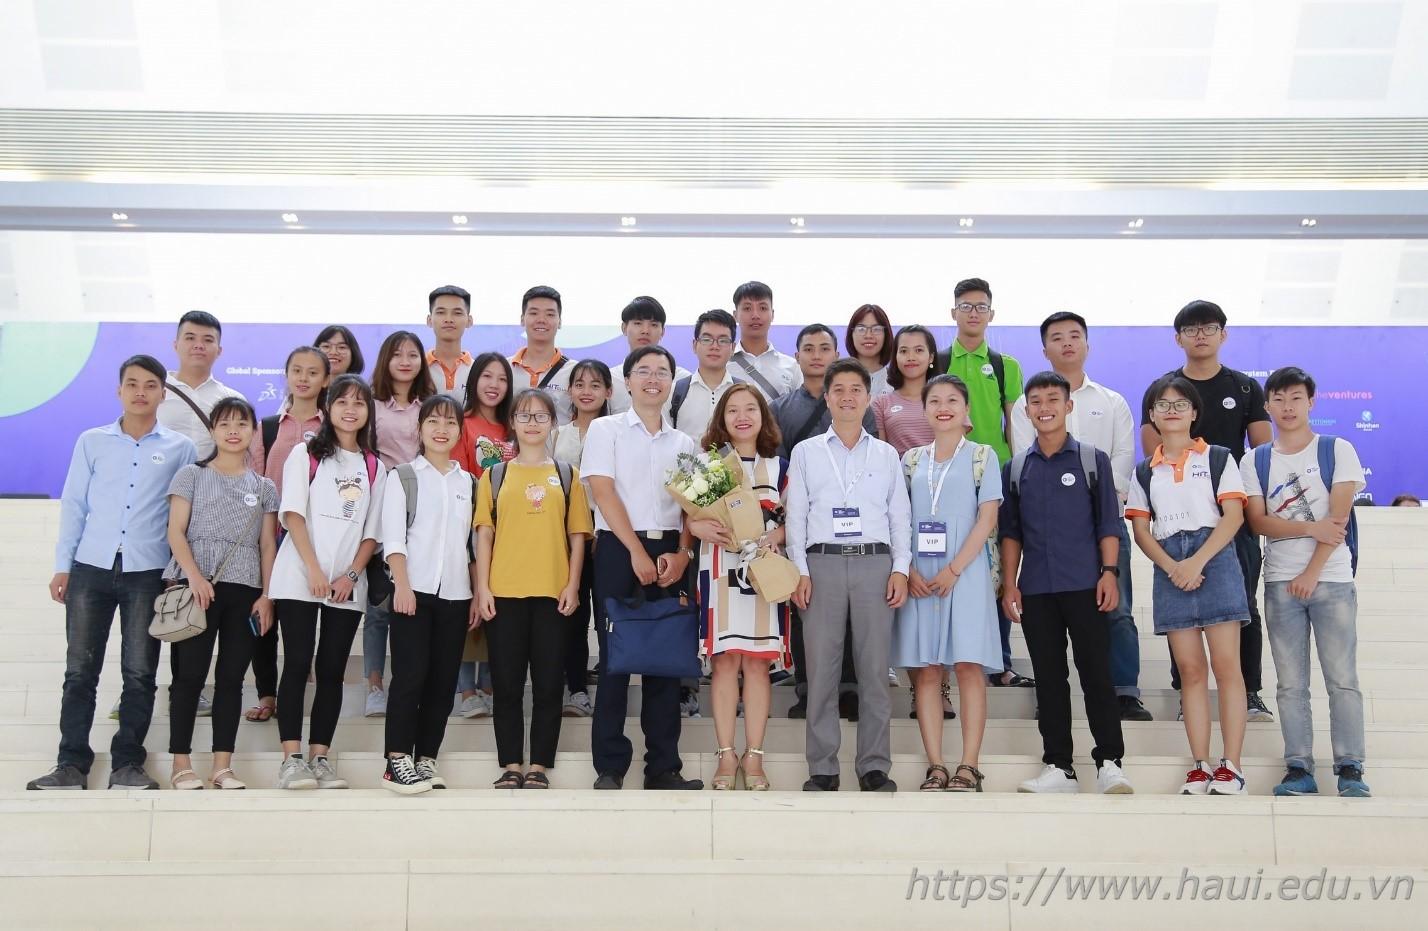 Sinh viên Đại học Công nghiệp Hà Nội nhận tài trợ khởi nghiệp từ VinTech City